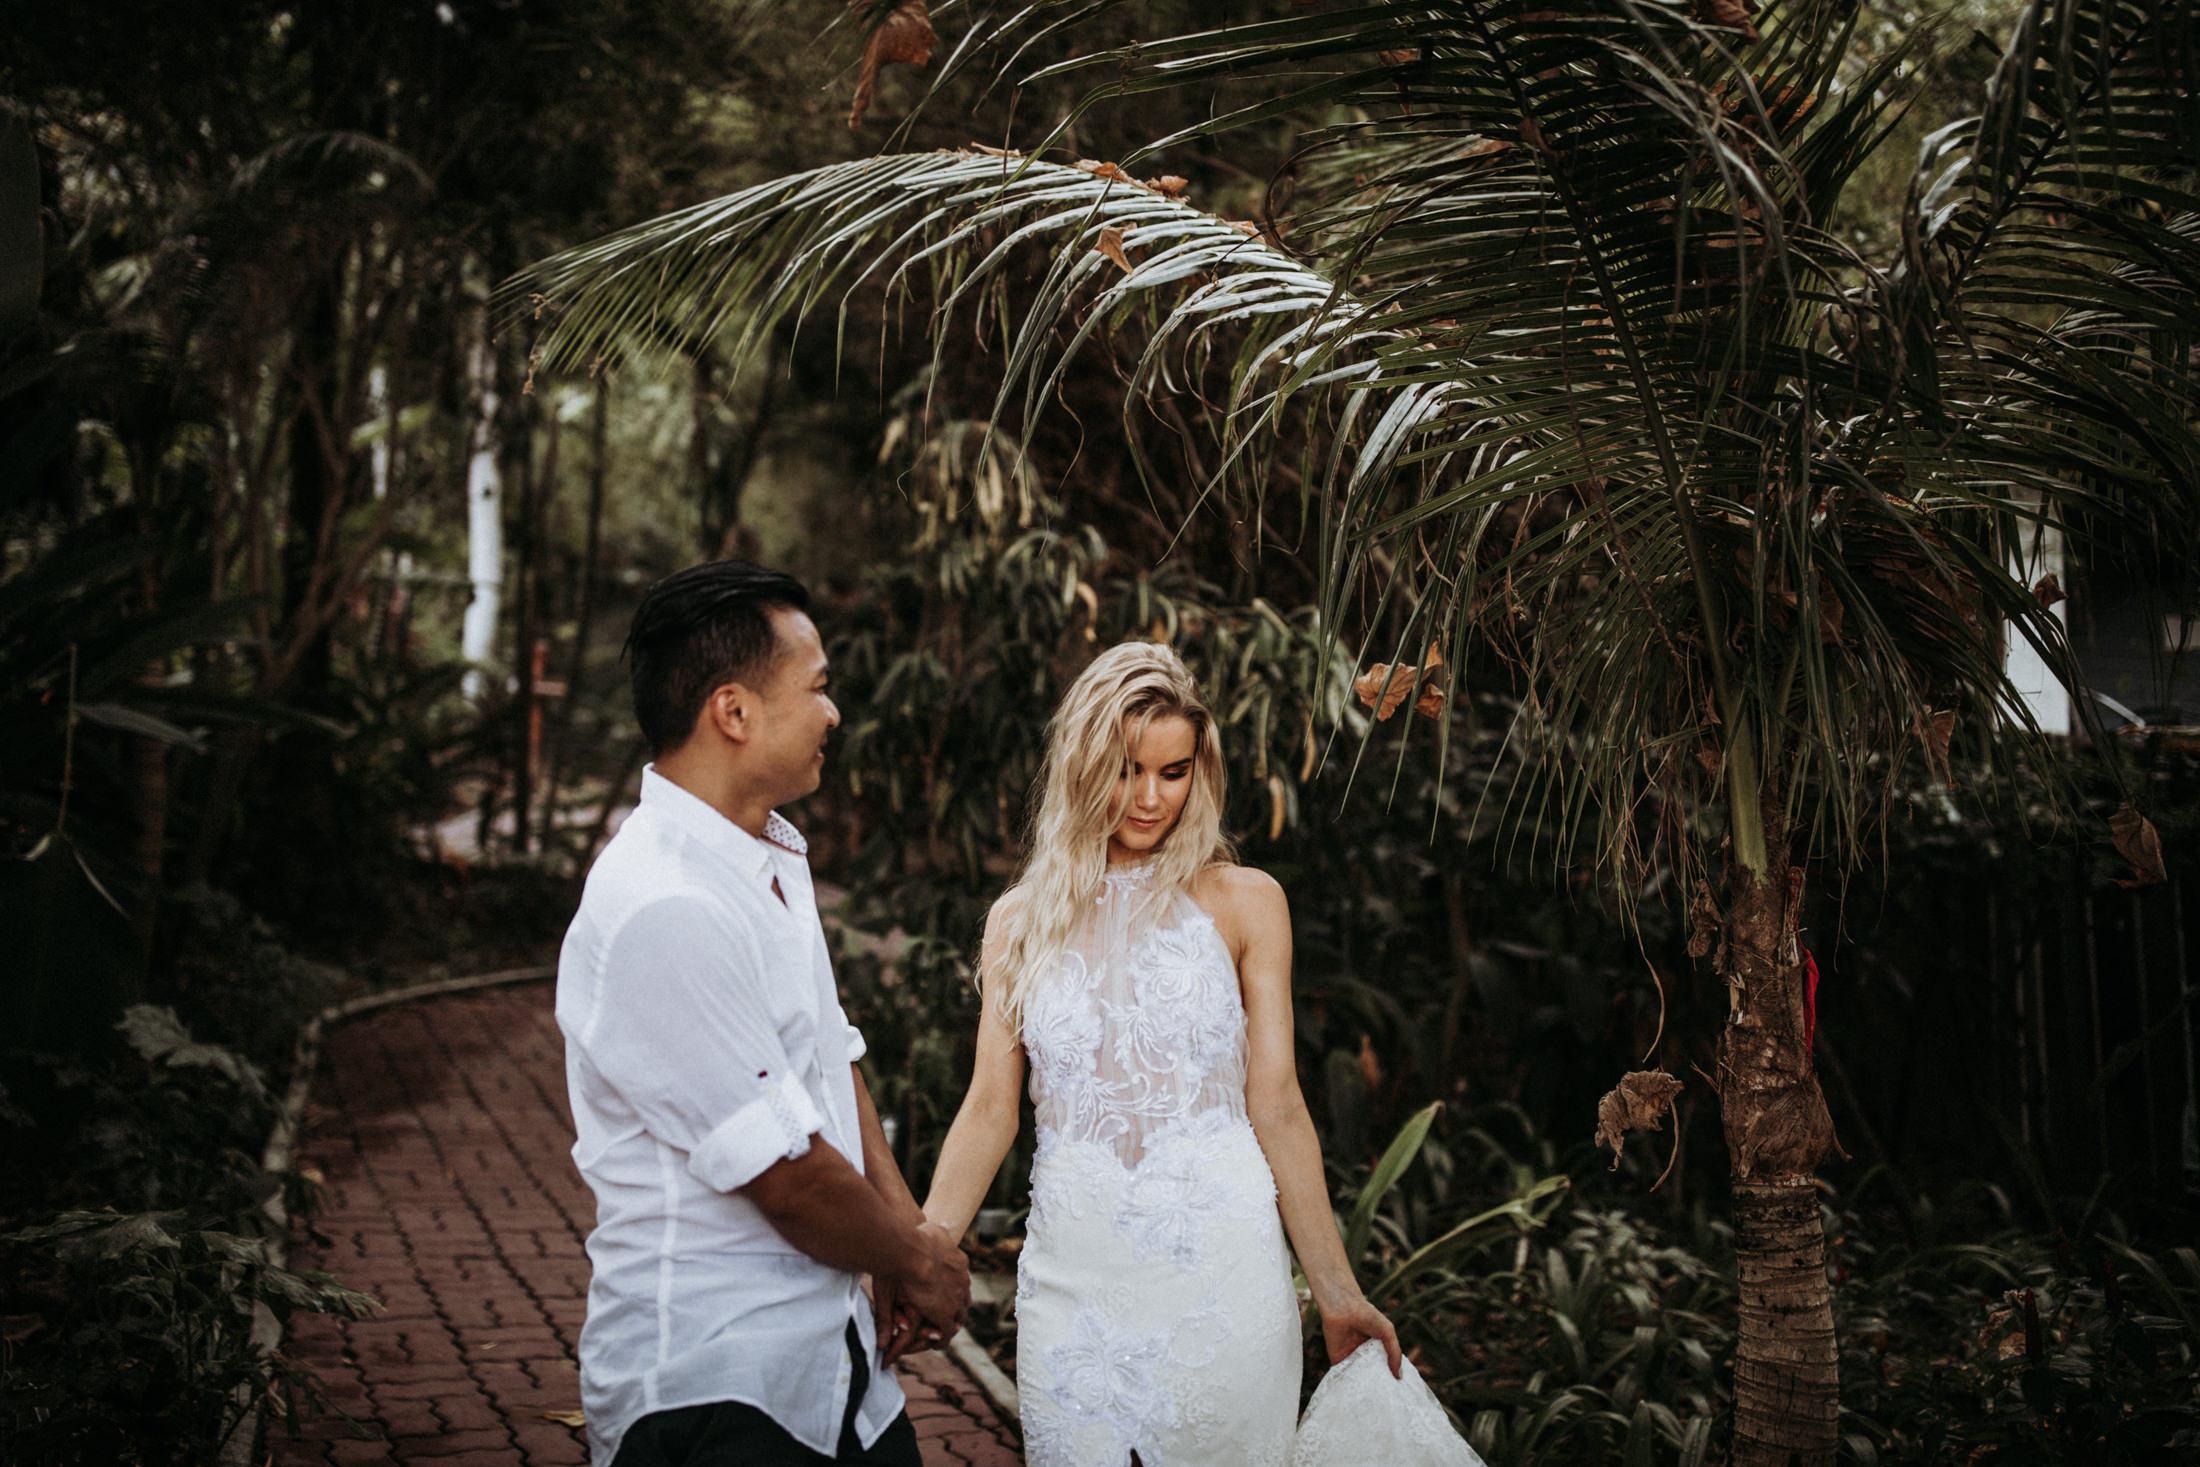 DanielaMarquardt_Wedding_Thailand_455